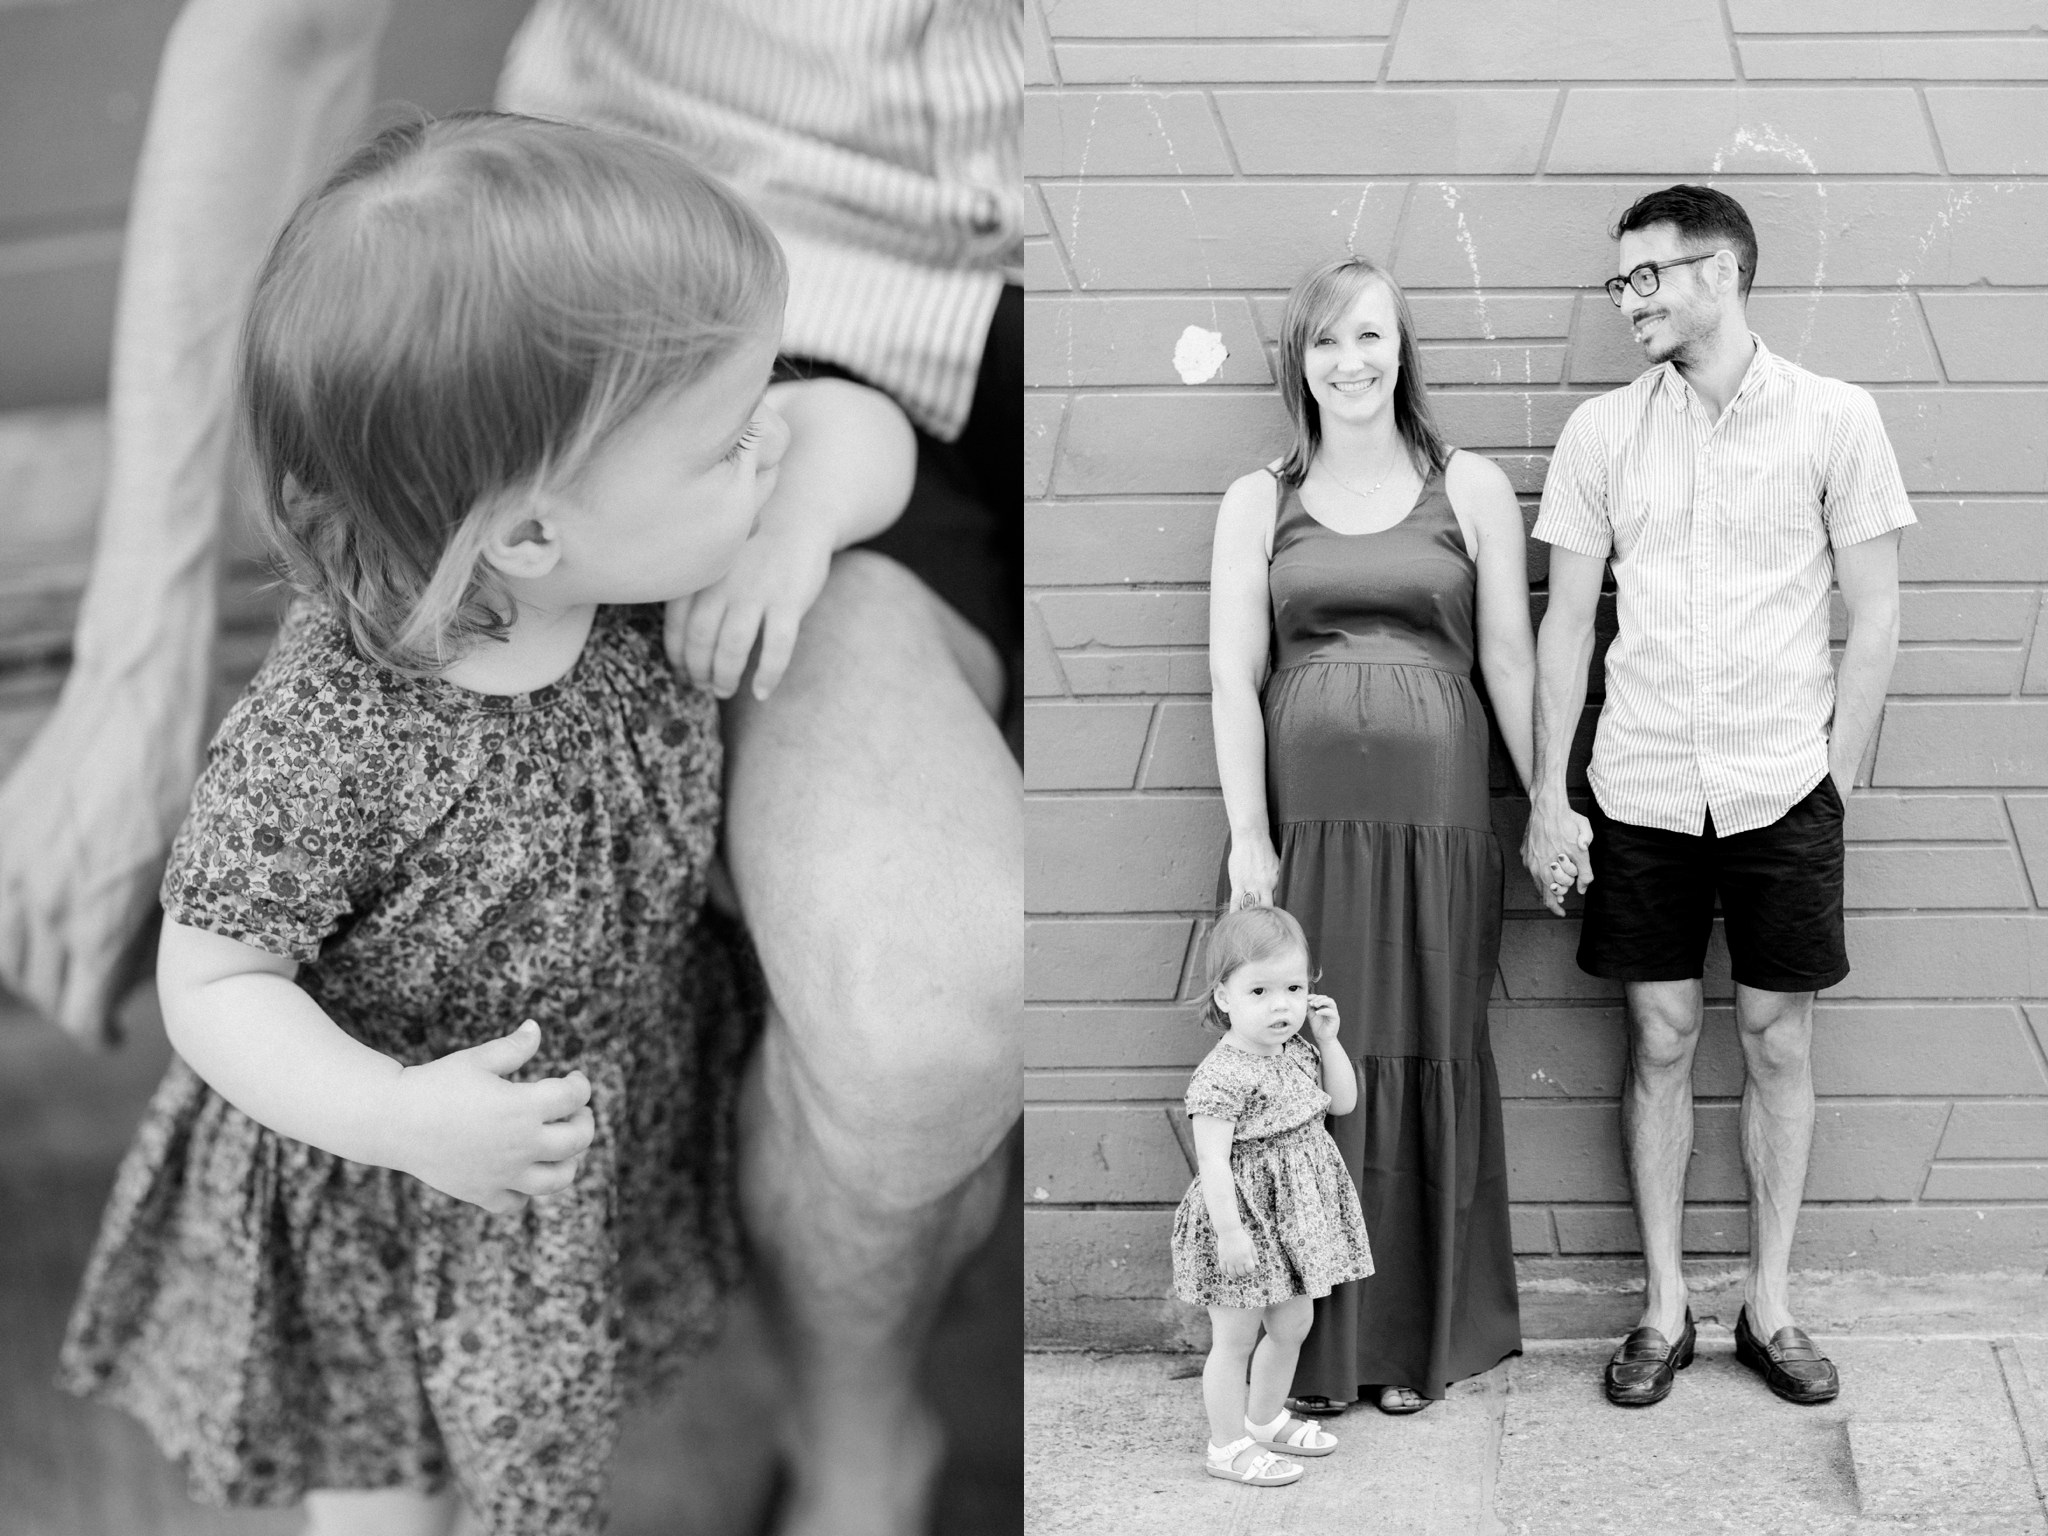 brooklyn_maternity_portraits_deborah_zoe_0004.JPG